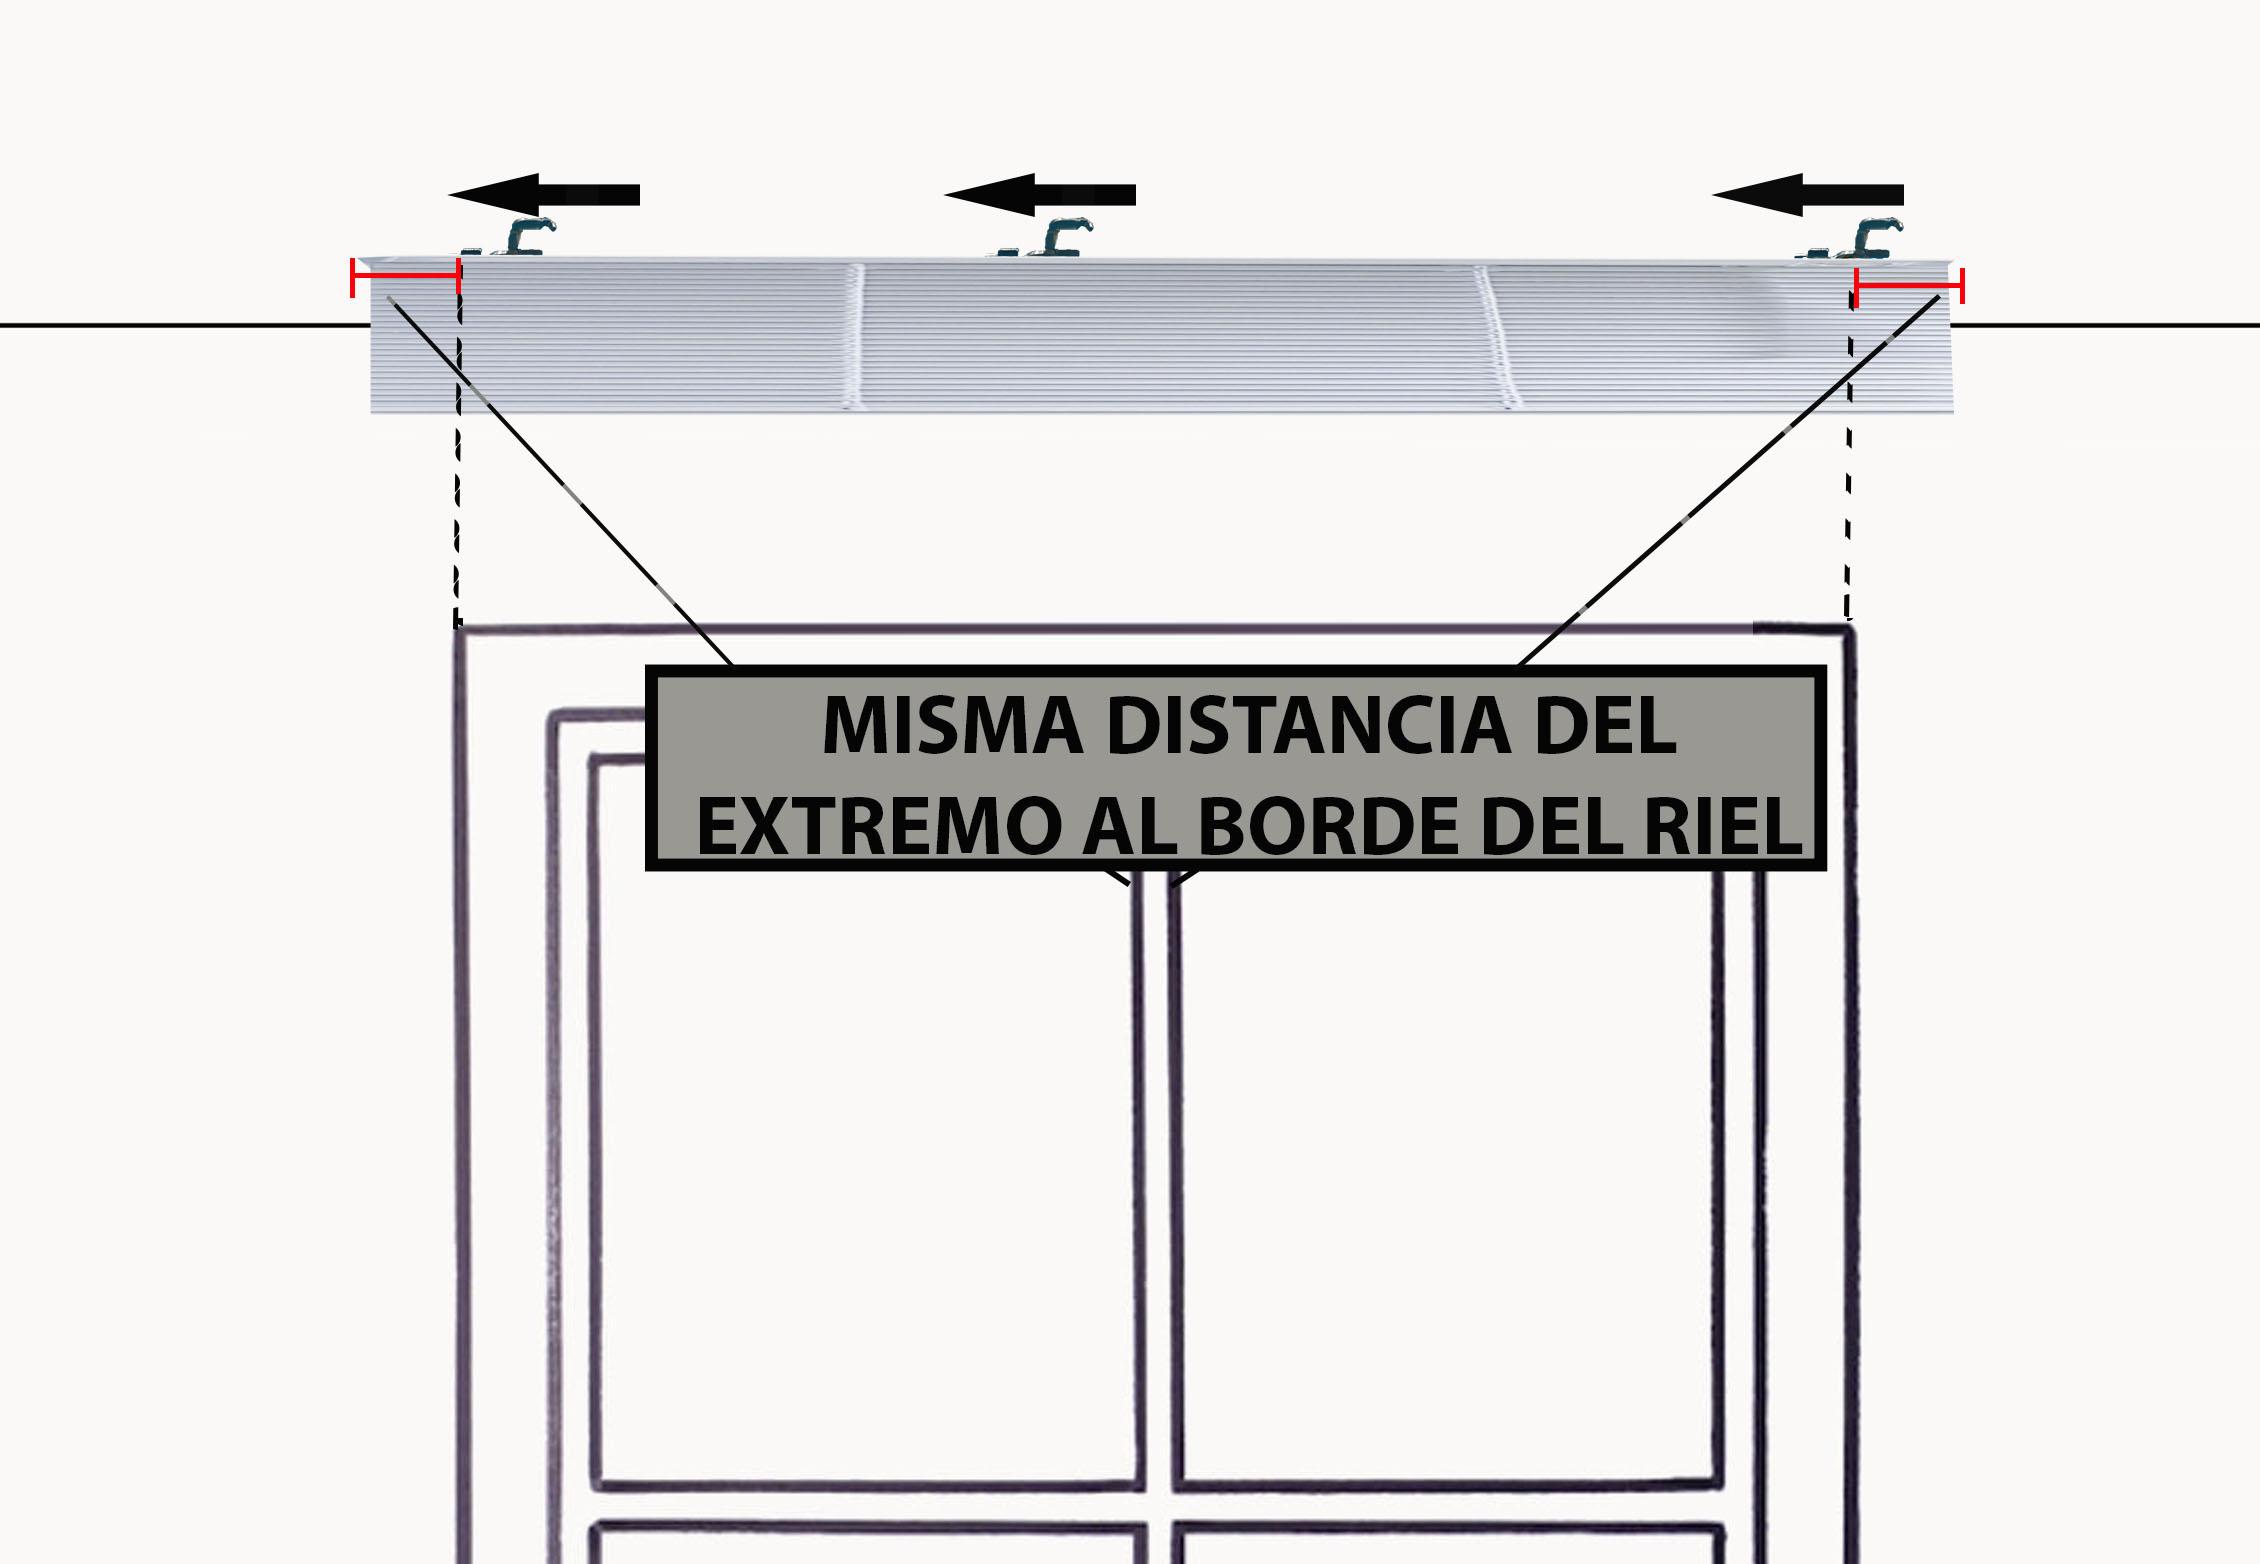 Cómo montar persianas venecianas de aluminio en el techo